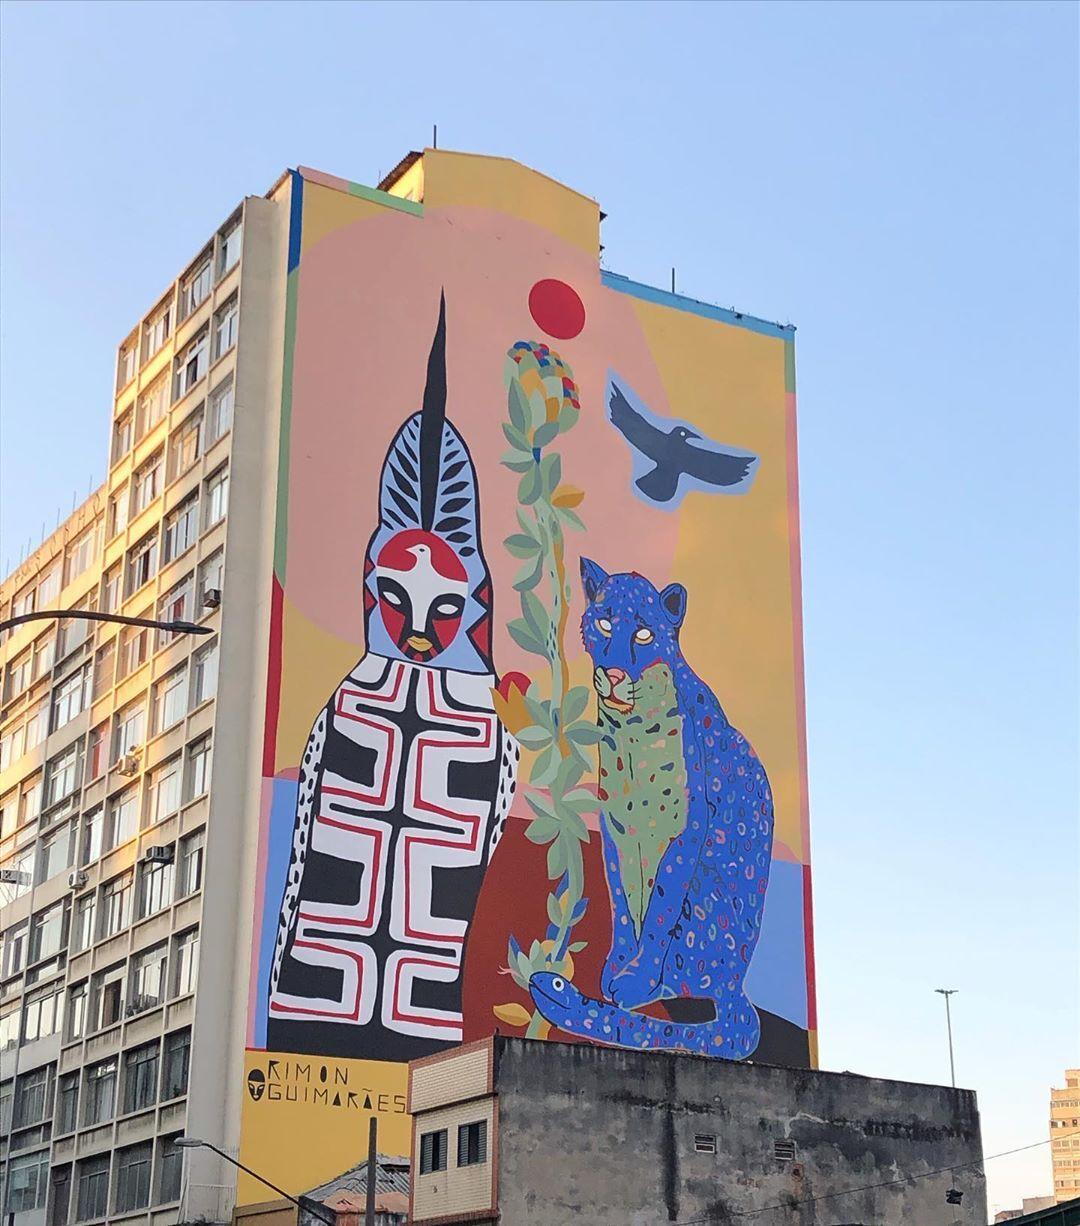 Projeto da Converse foi responsável por novo mural em São Paulo feito com tinta que ajuda a limpar o ar